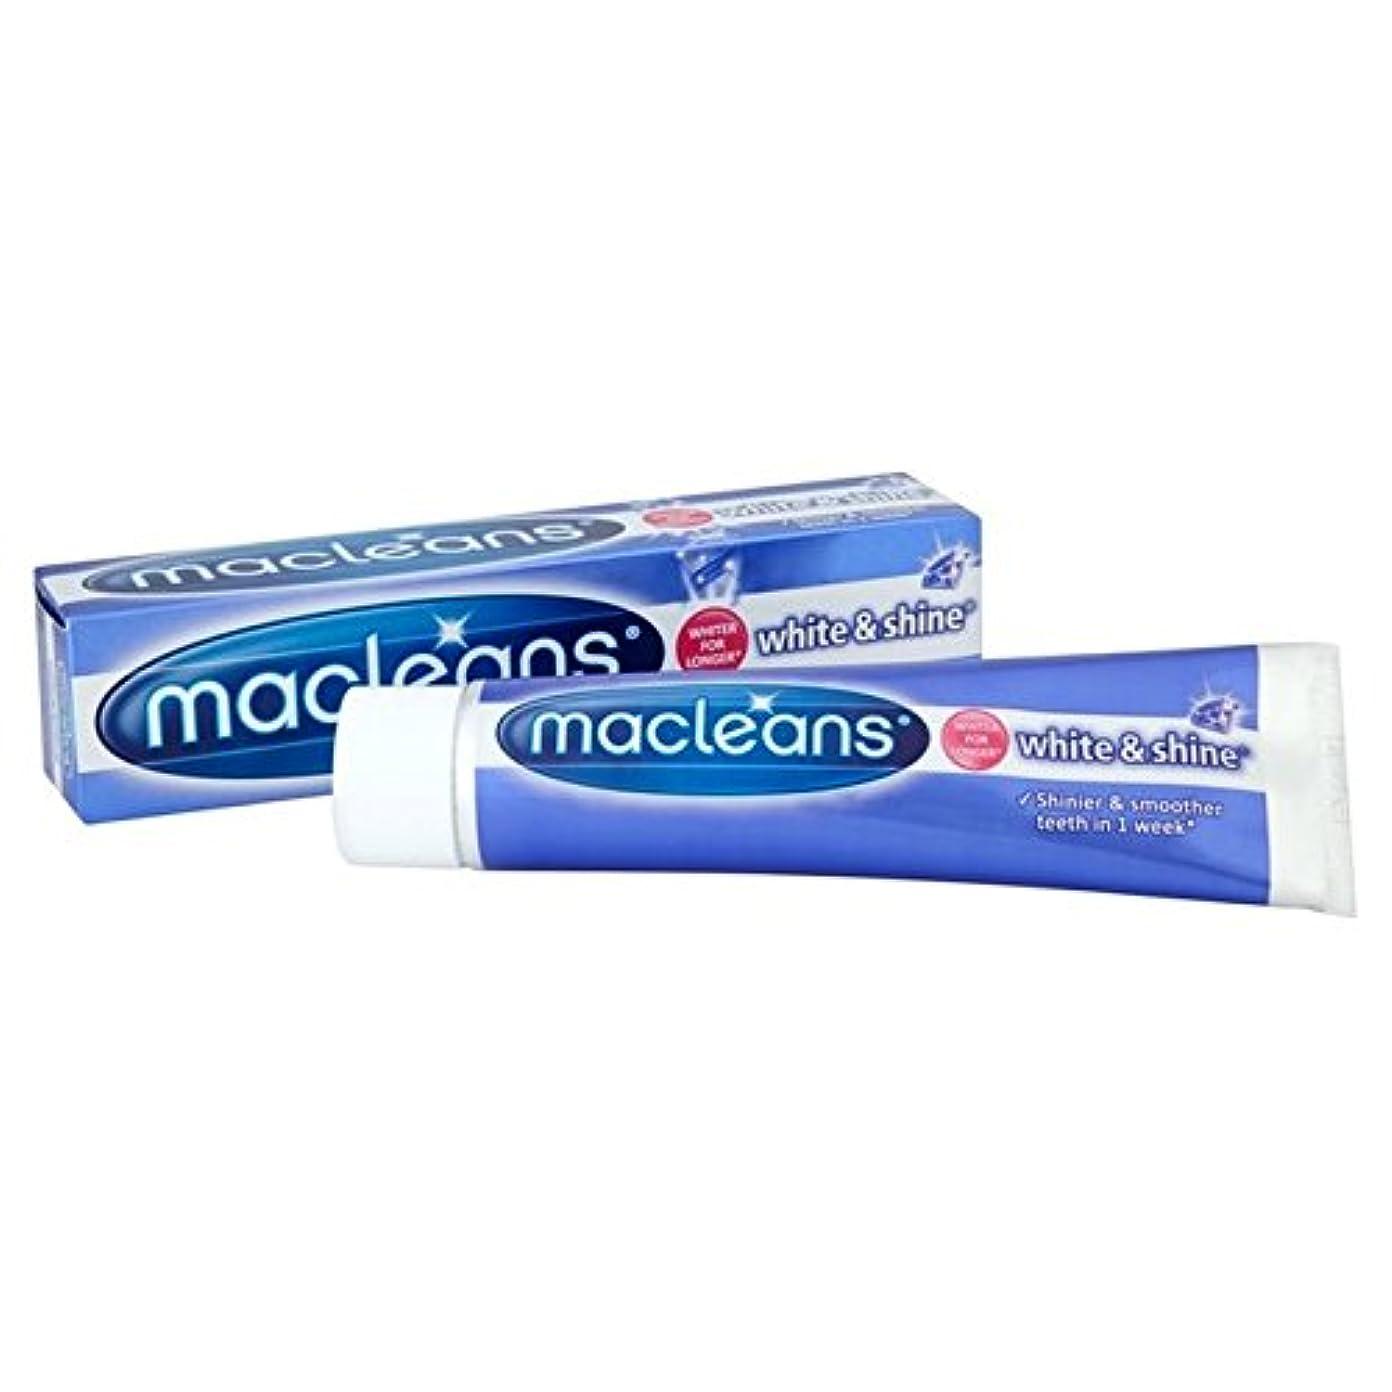 定期的なアテンダントありがたい''歯磨き粉の100ミリリットル x2 - Macleans White'n'shine Toothpaste 100ml (Pack of 2) [並行輸入品]